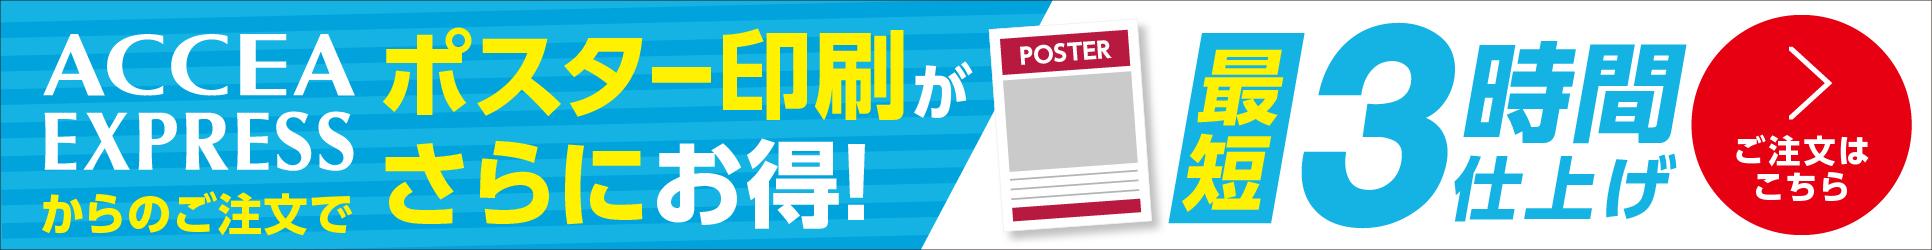 特急ポスター印刷(大判出力)